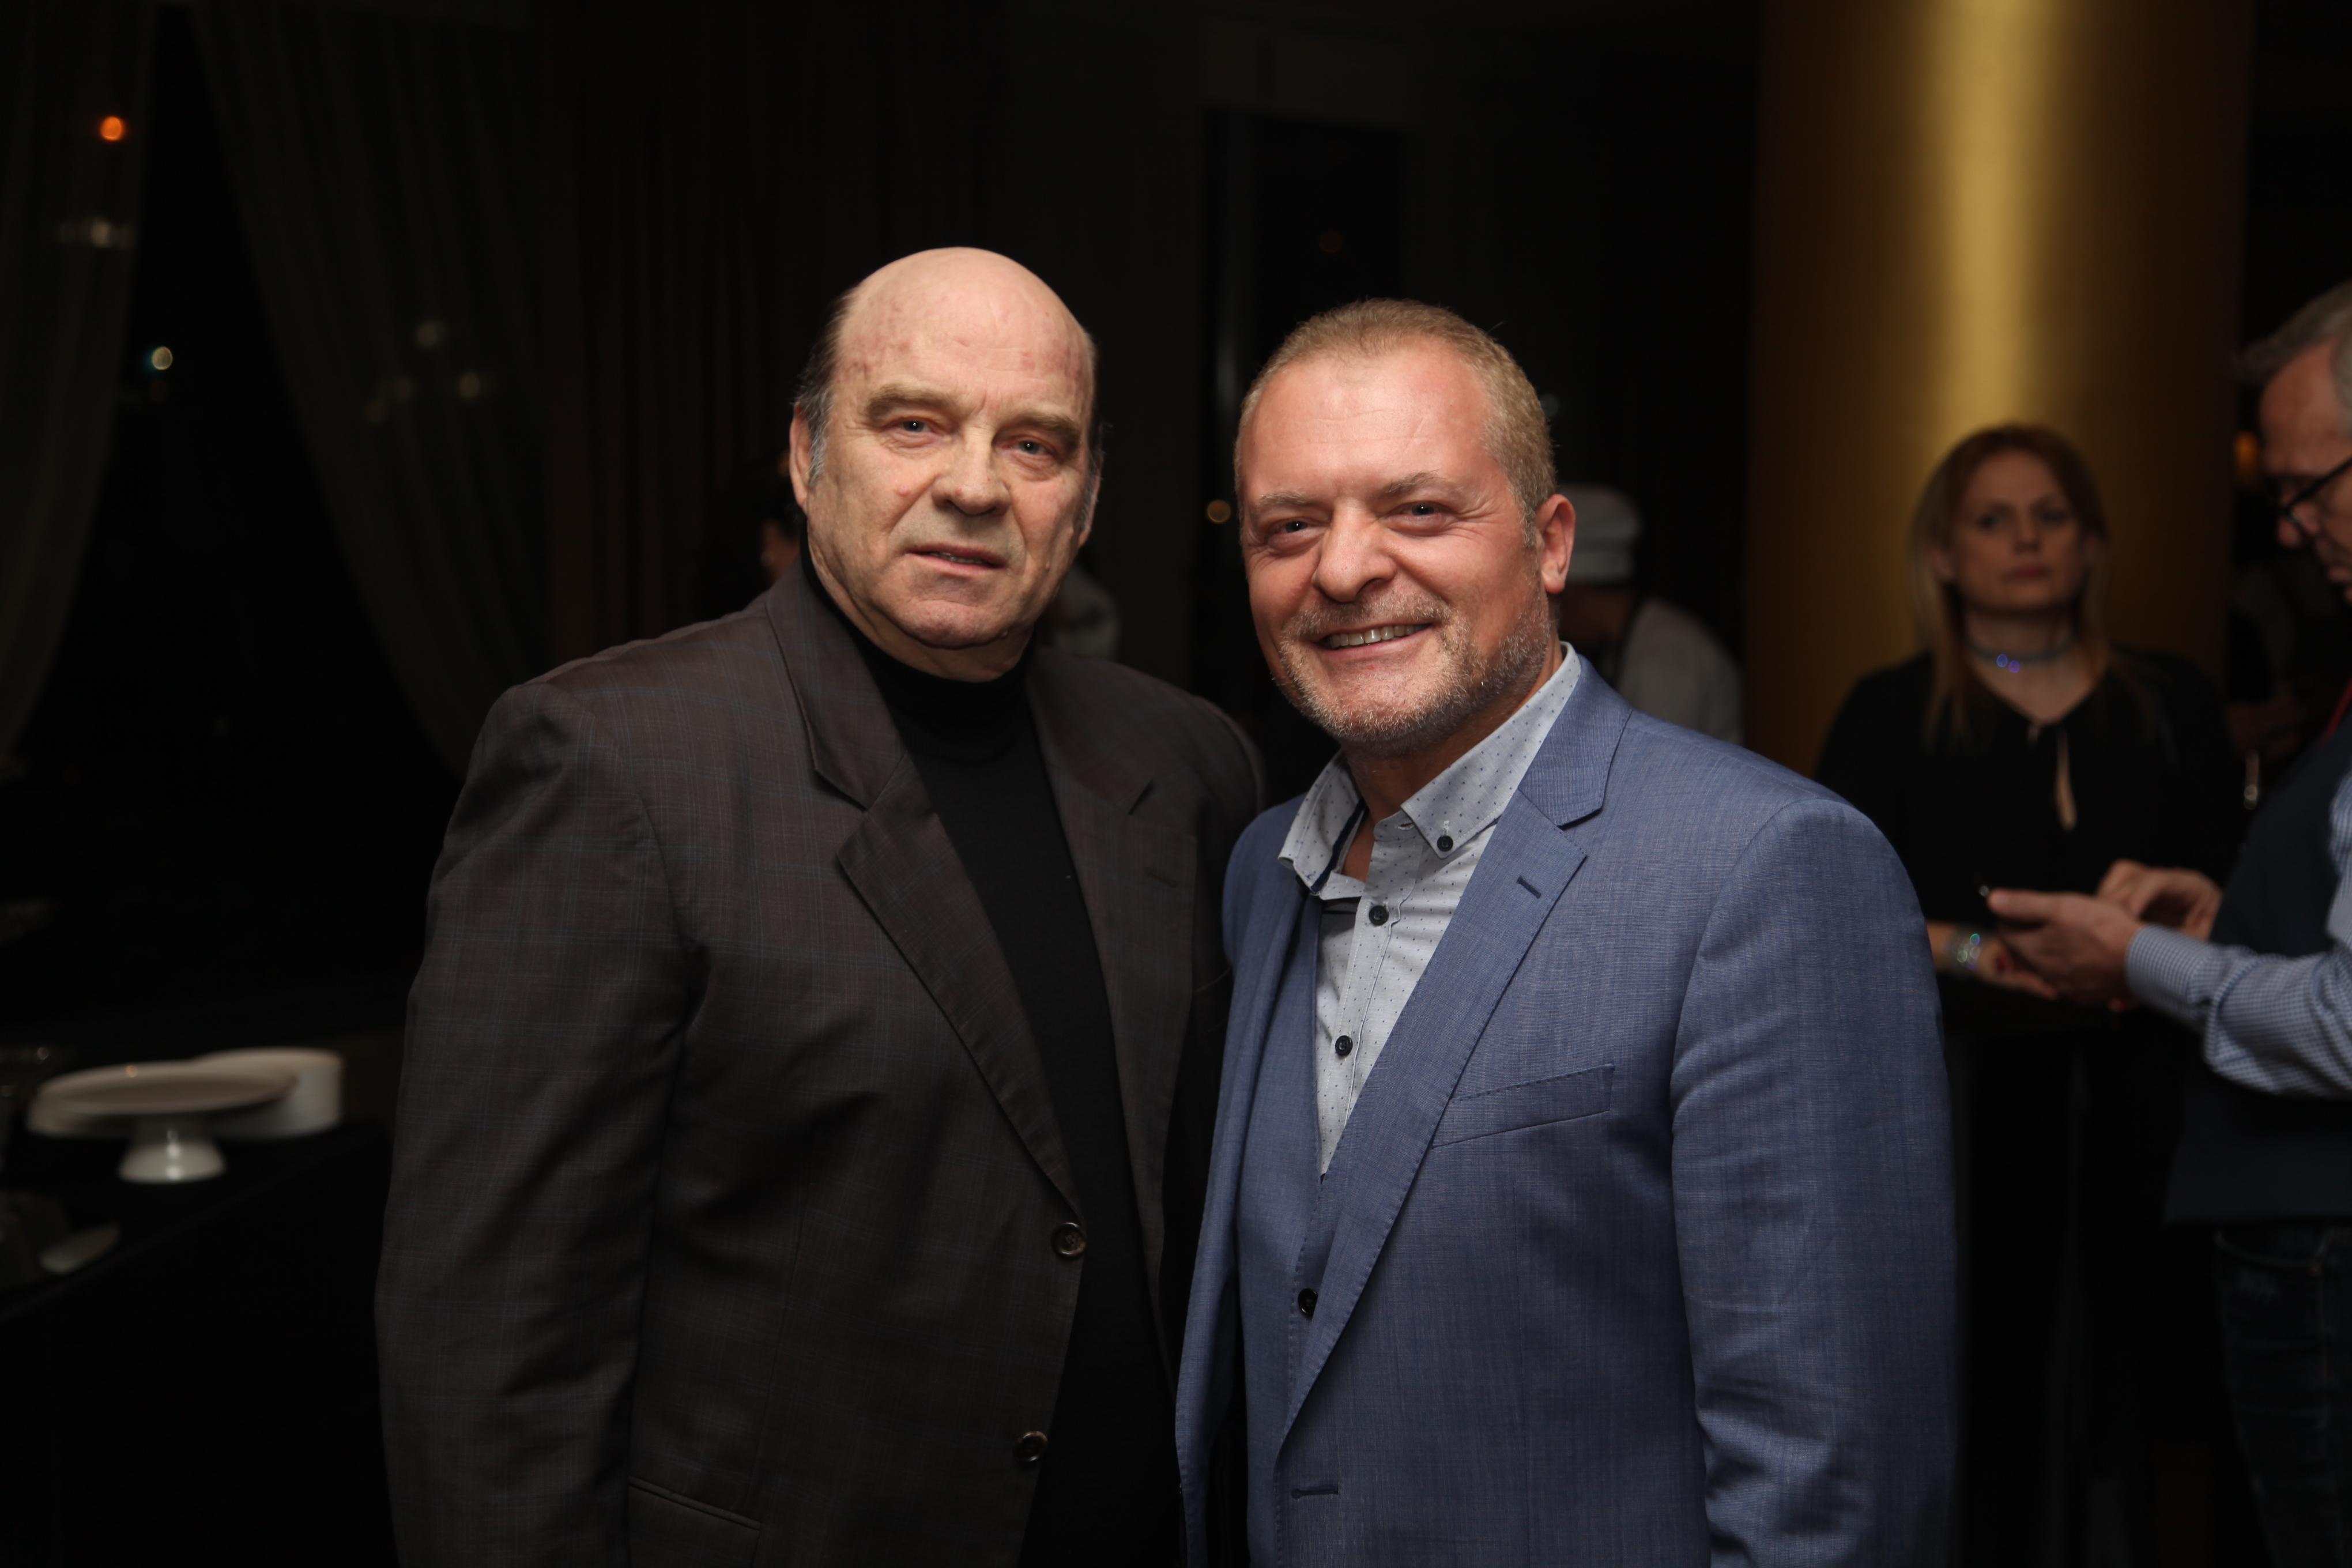 çmimet Kult - artistët fitues të çmimeve Kult 2019 CEO i Çelësi Media Group dhe dhënësi i çmimeve Kult, Ylli Sula me aktorin e mirënjohur Ndriçim Xhepa